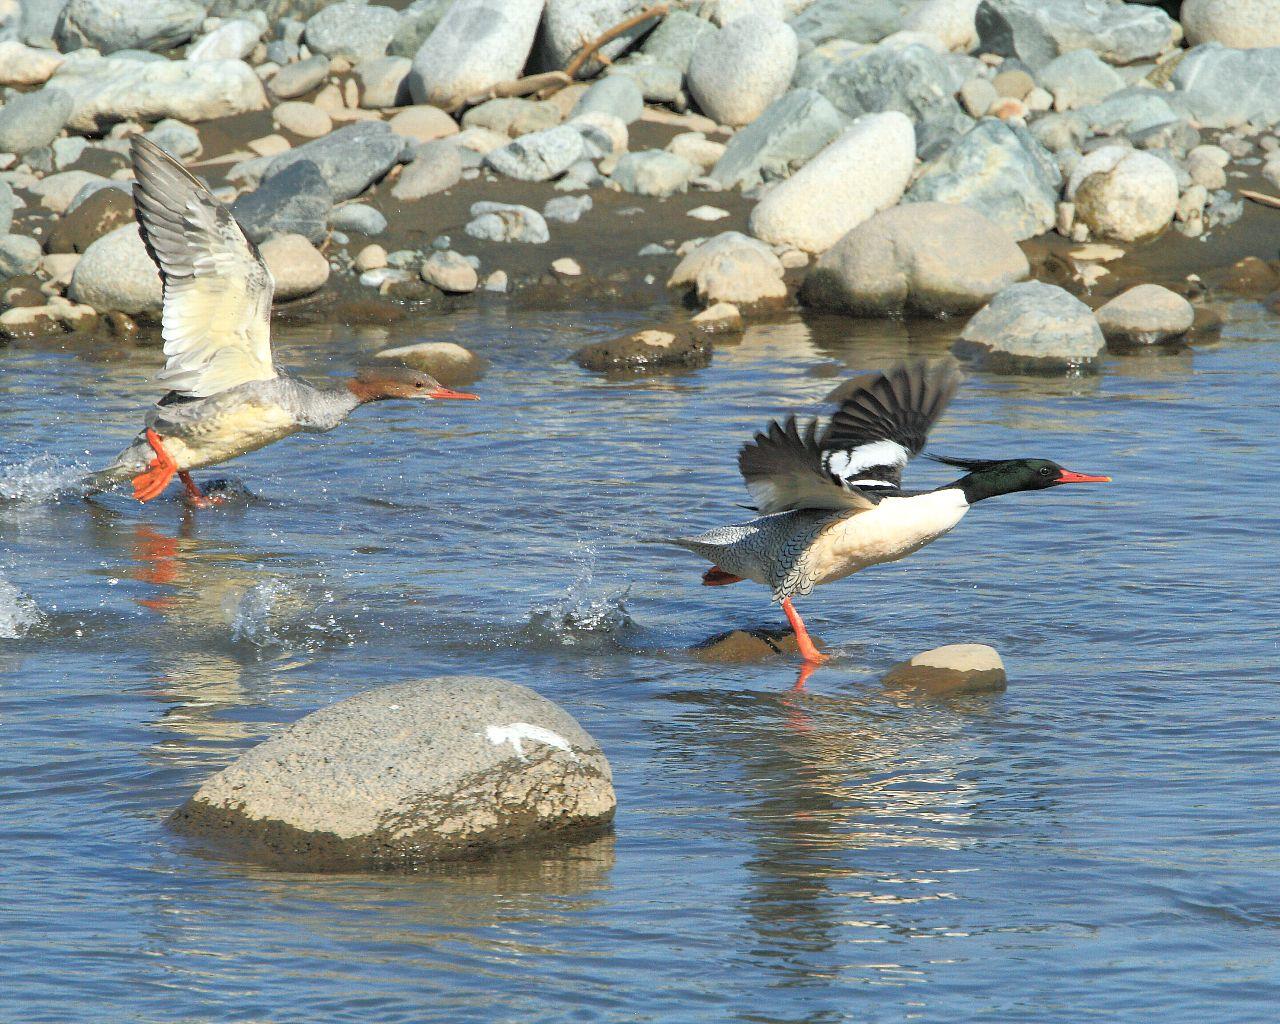 コウライアイサ、来シーズンは家族で相模川に戻って来てね!_f0105570_12244943.jpg